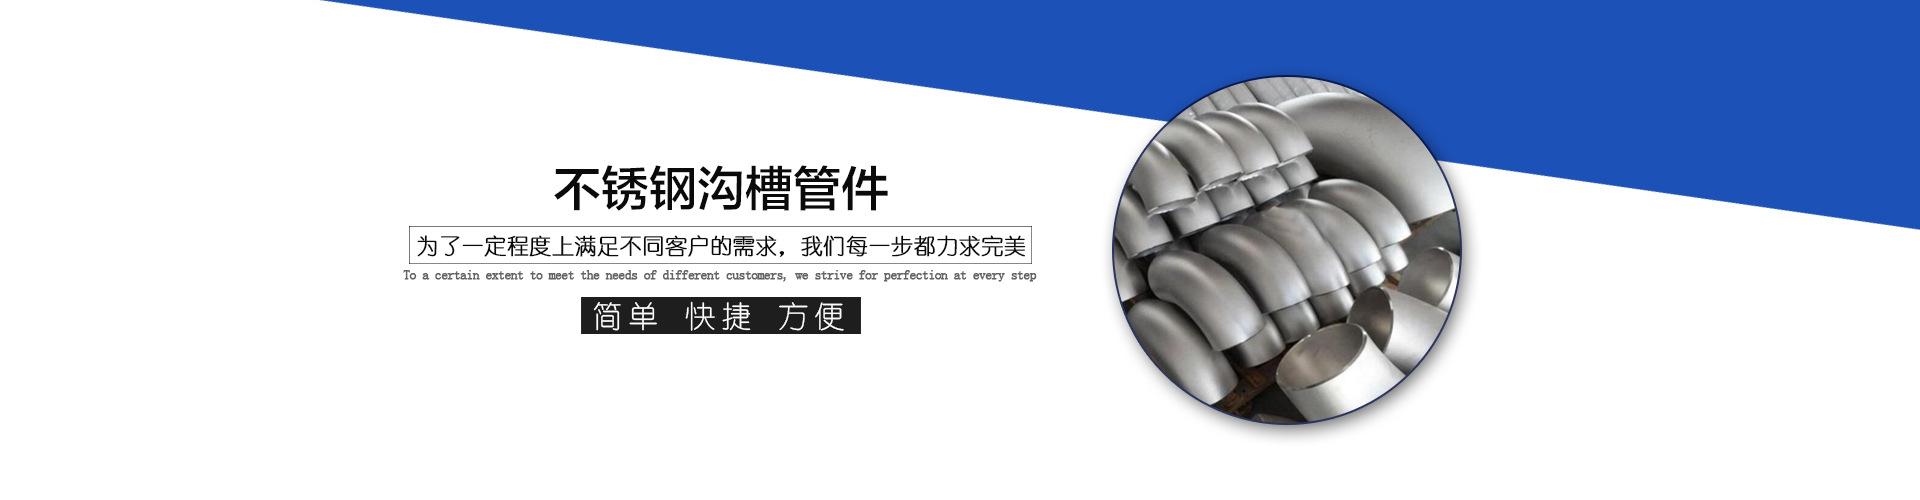 <h4>不锈钢沟槽管件</h4><p>安装简单,快捷、方便</p>